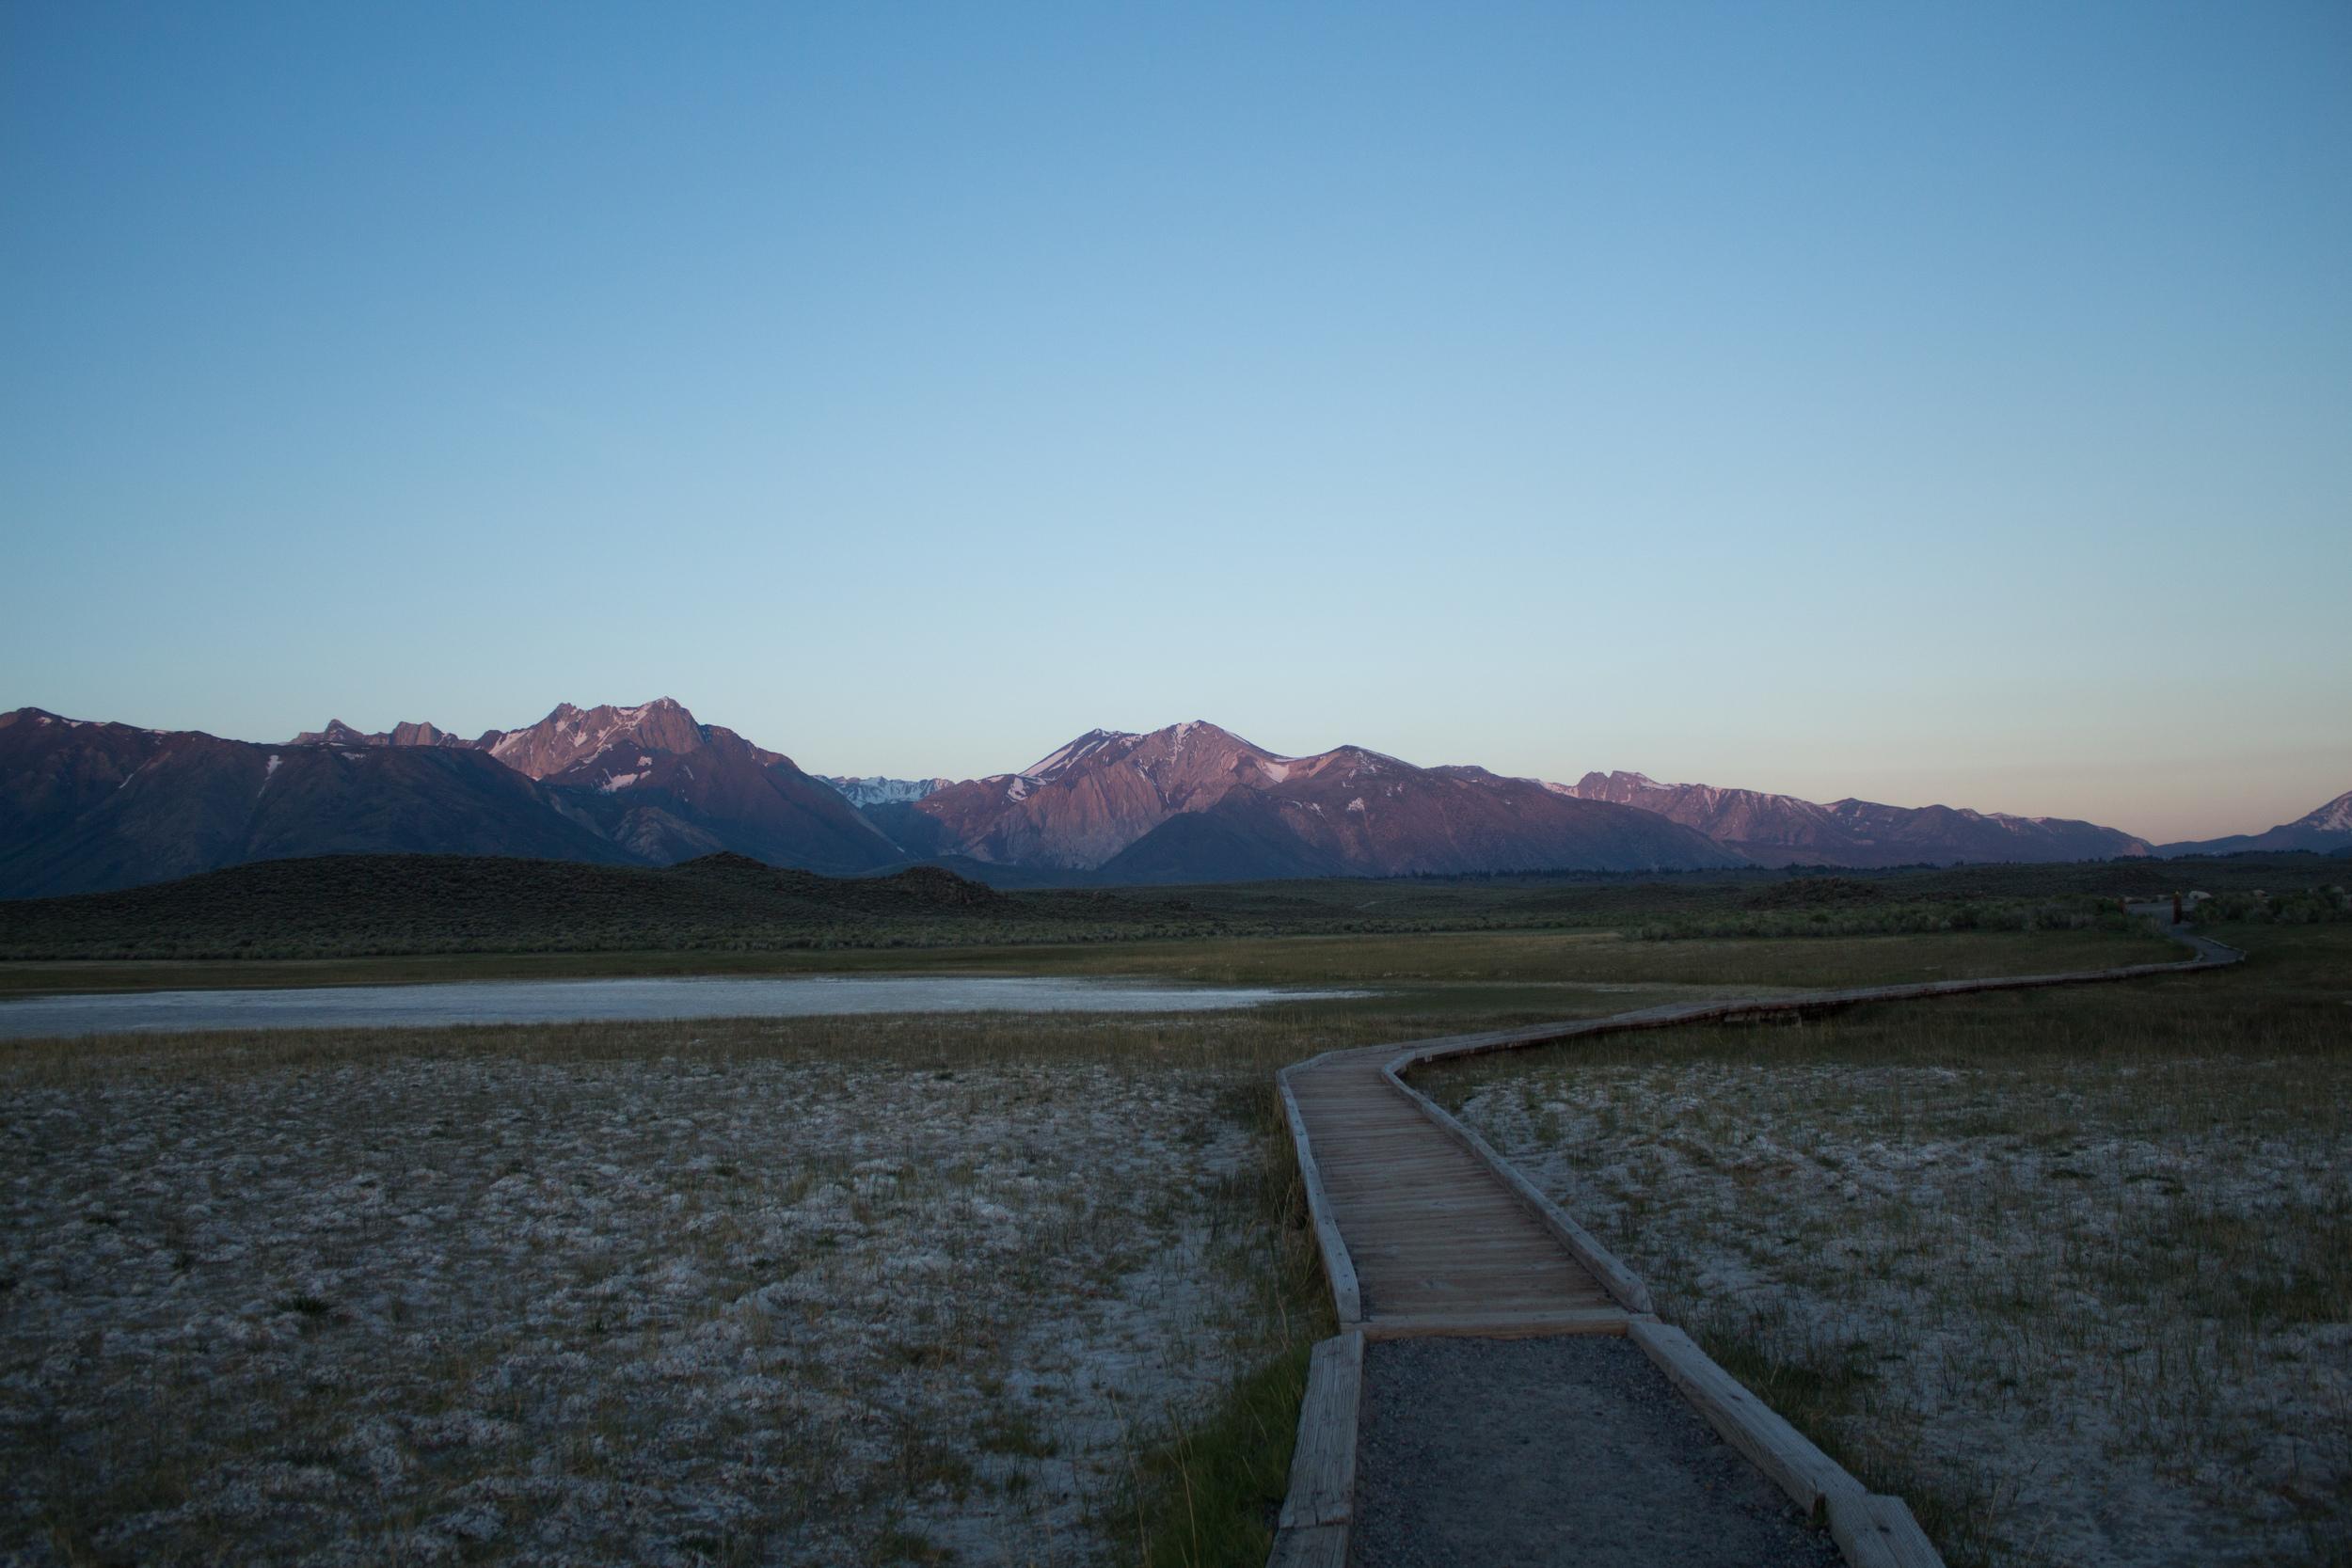 Sunrise in the Sierras.